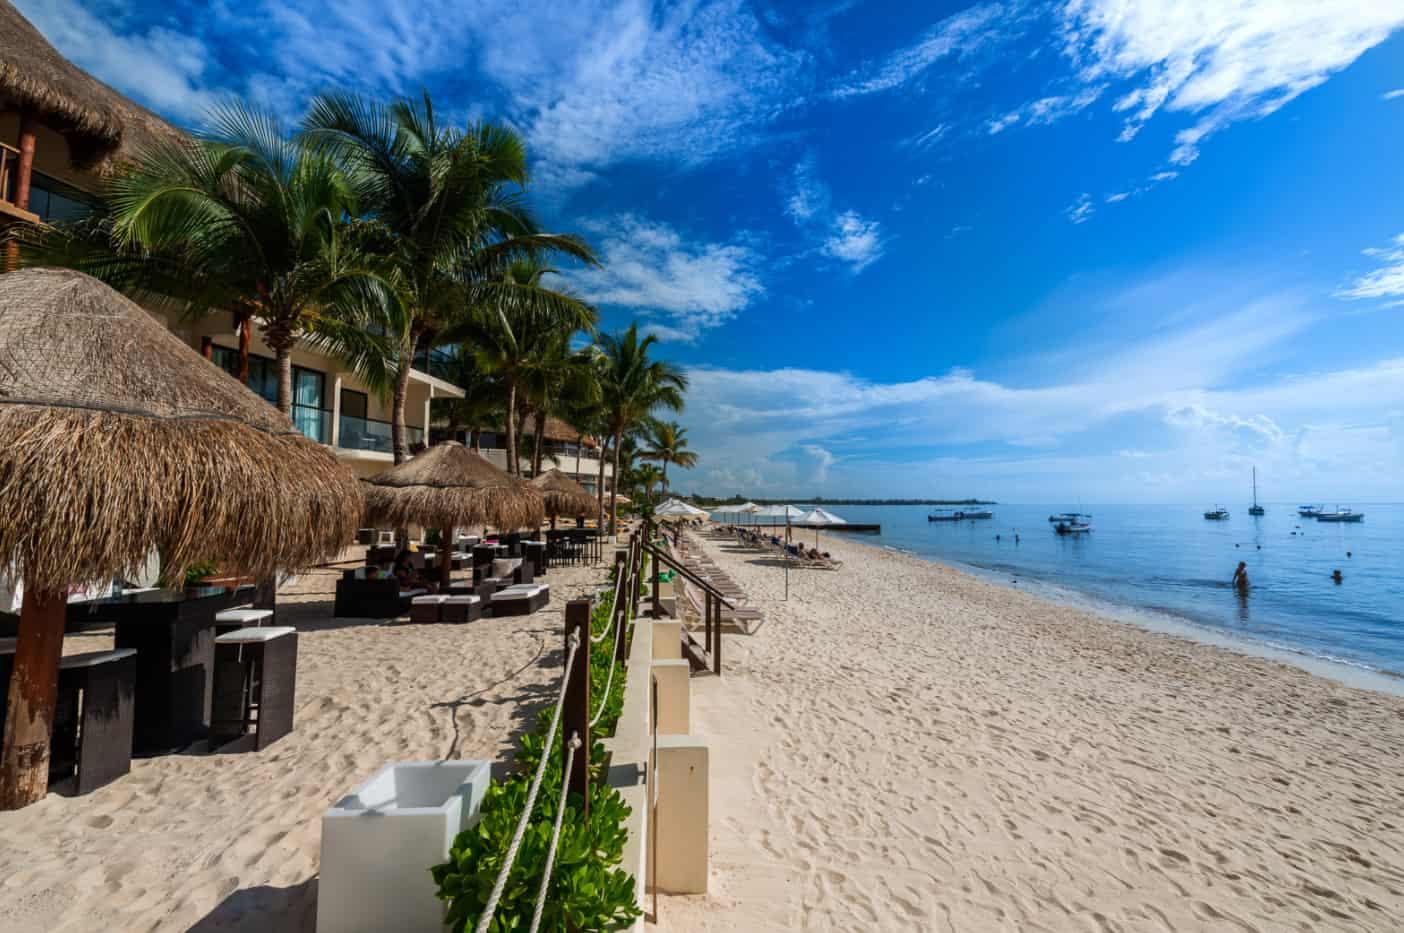 Bãi biển trải dài Coco Beach, Phan Thiết